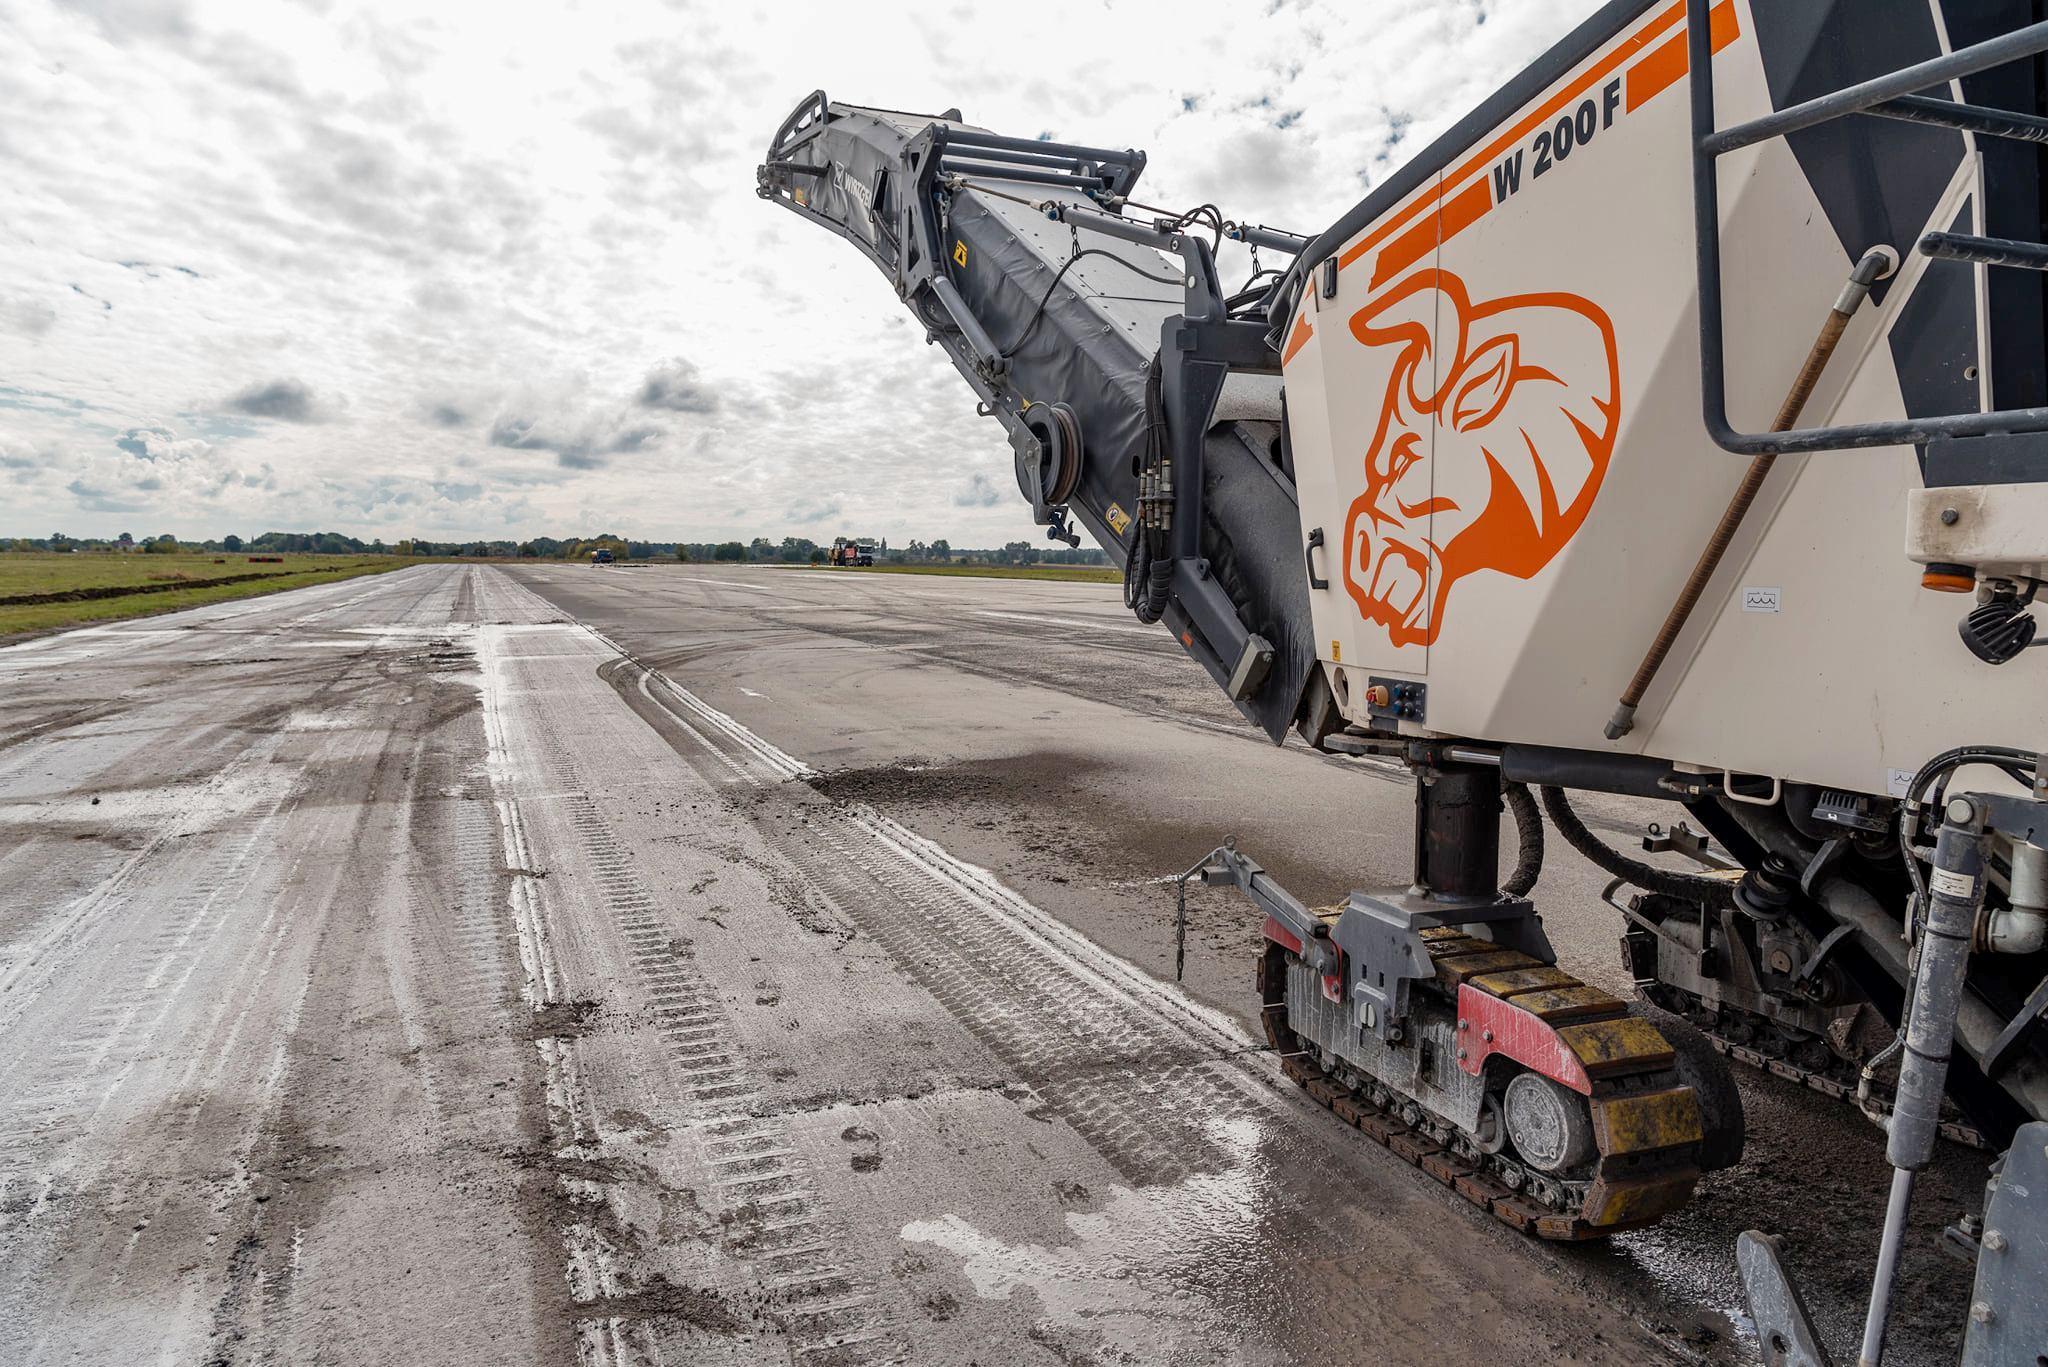 У аеропорту «Вінниця» стартували роботи з реконструкції (Фото+Відео)